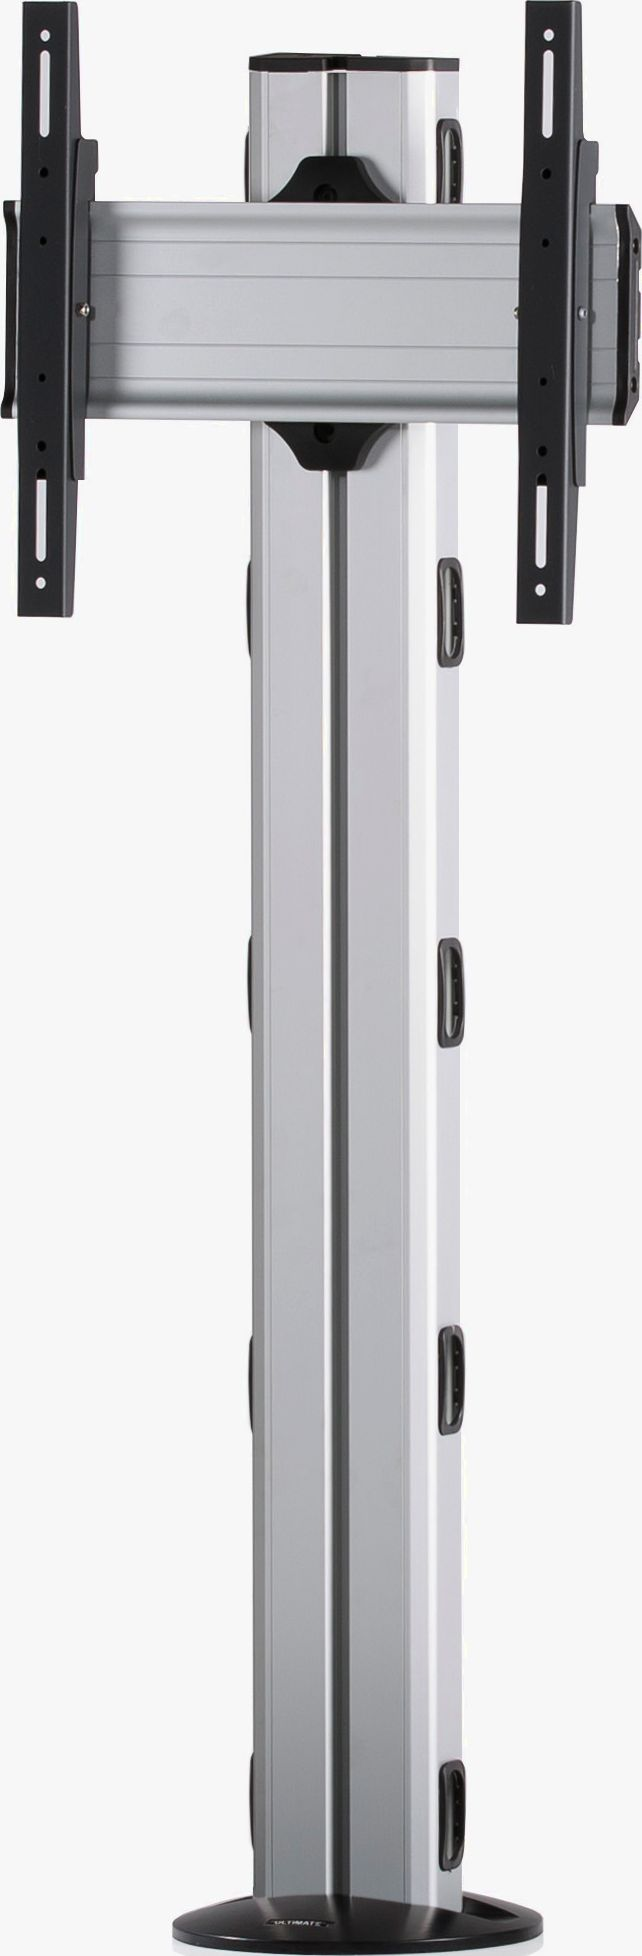 1 Display 1×1, Höhe 135 cm, Standard-VESA, zur Bodenbefestigung